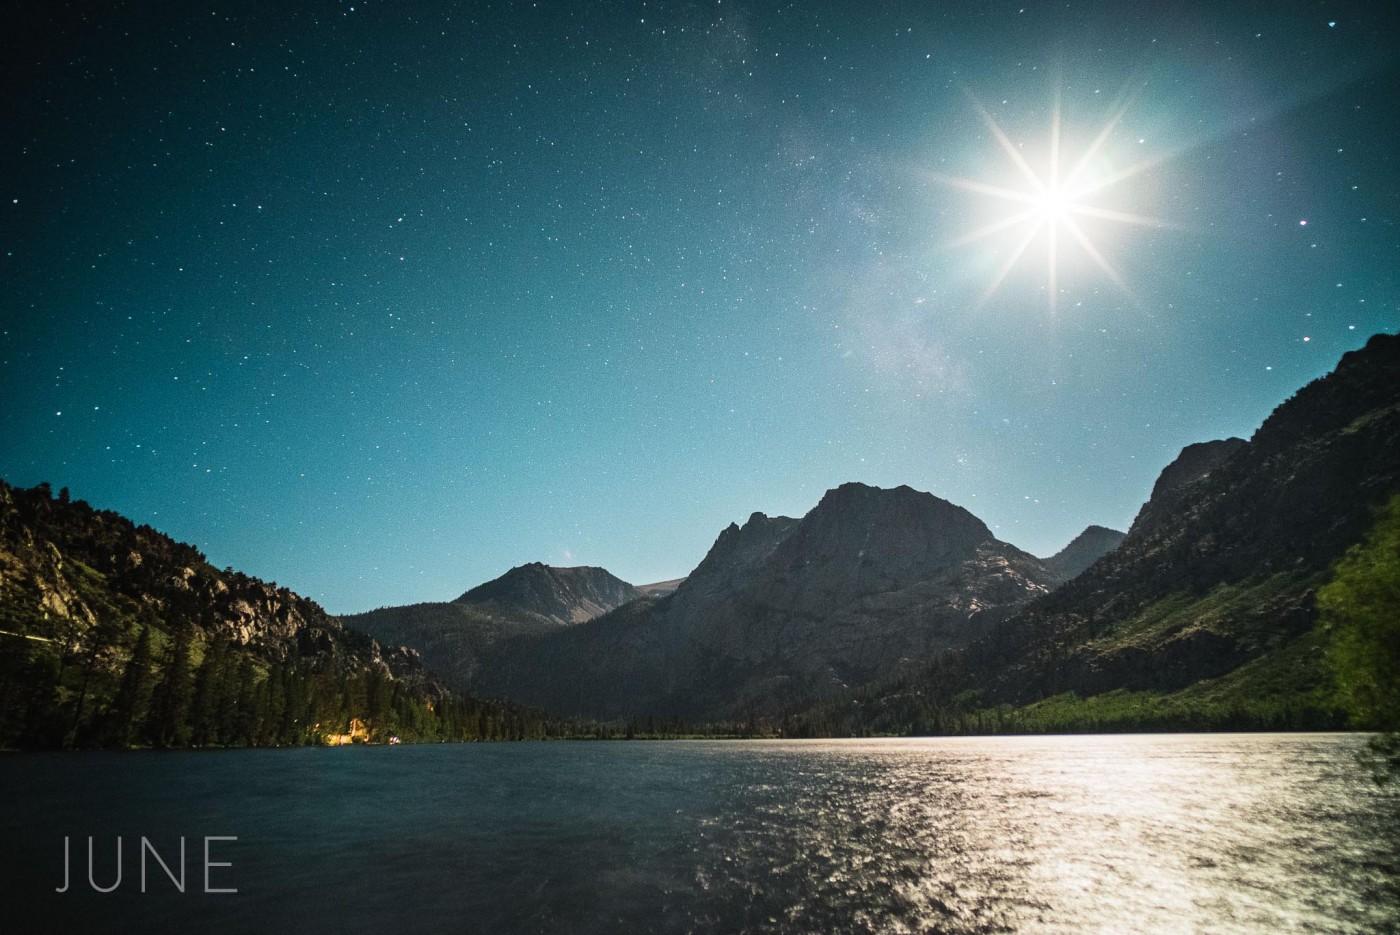 june-milky-way-astrophotography-lonely-speck-lightroom-preset-2